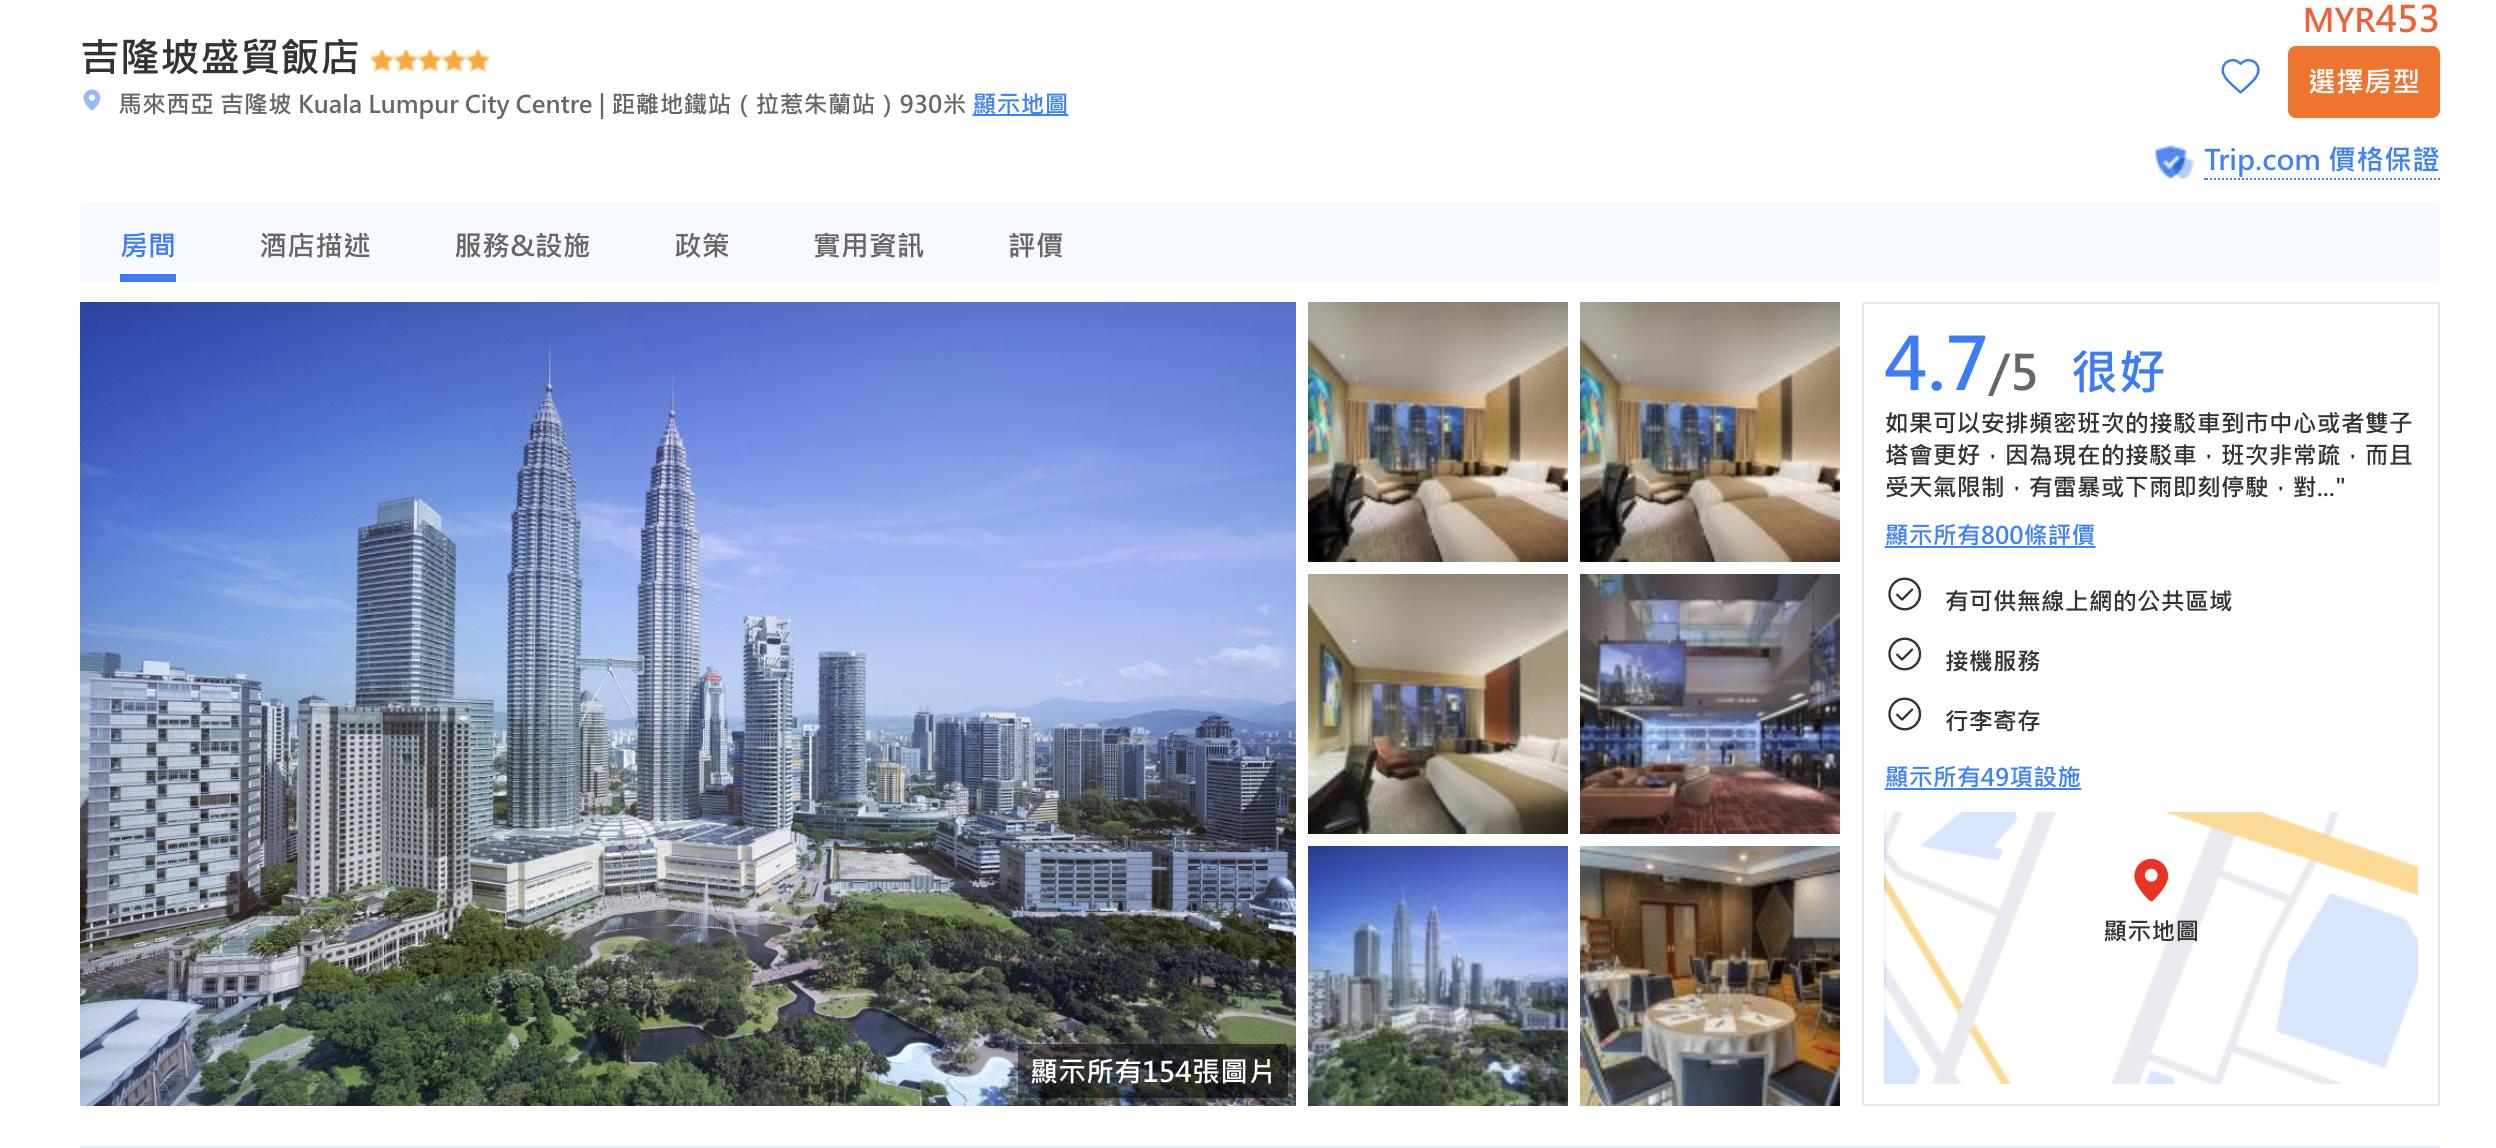 吉隆坡盛貿飯店 4.7分的超高評分酒店,現在預定可以直接降價近1000台幣!